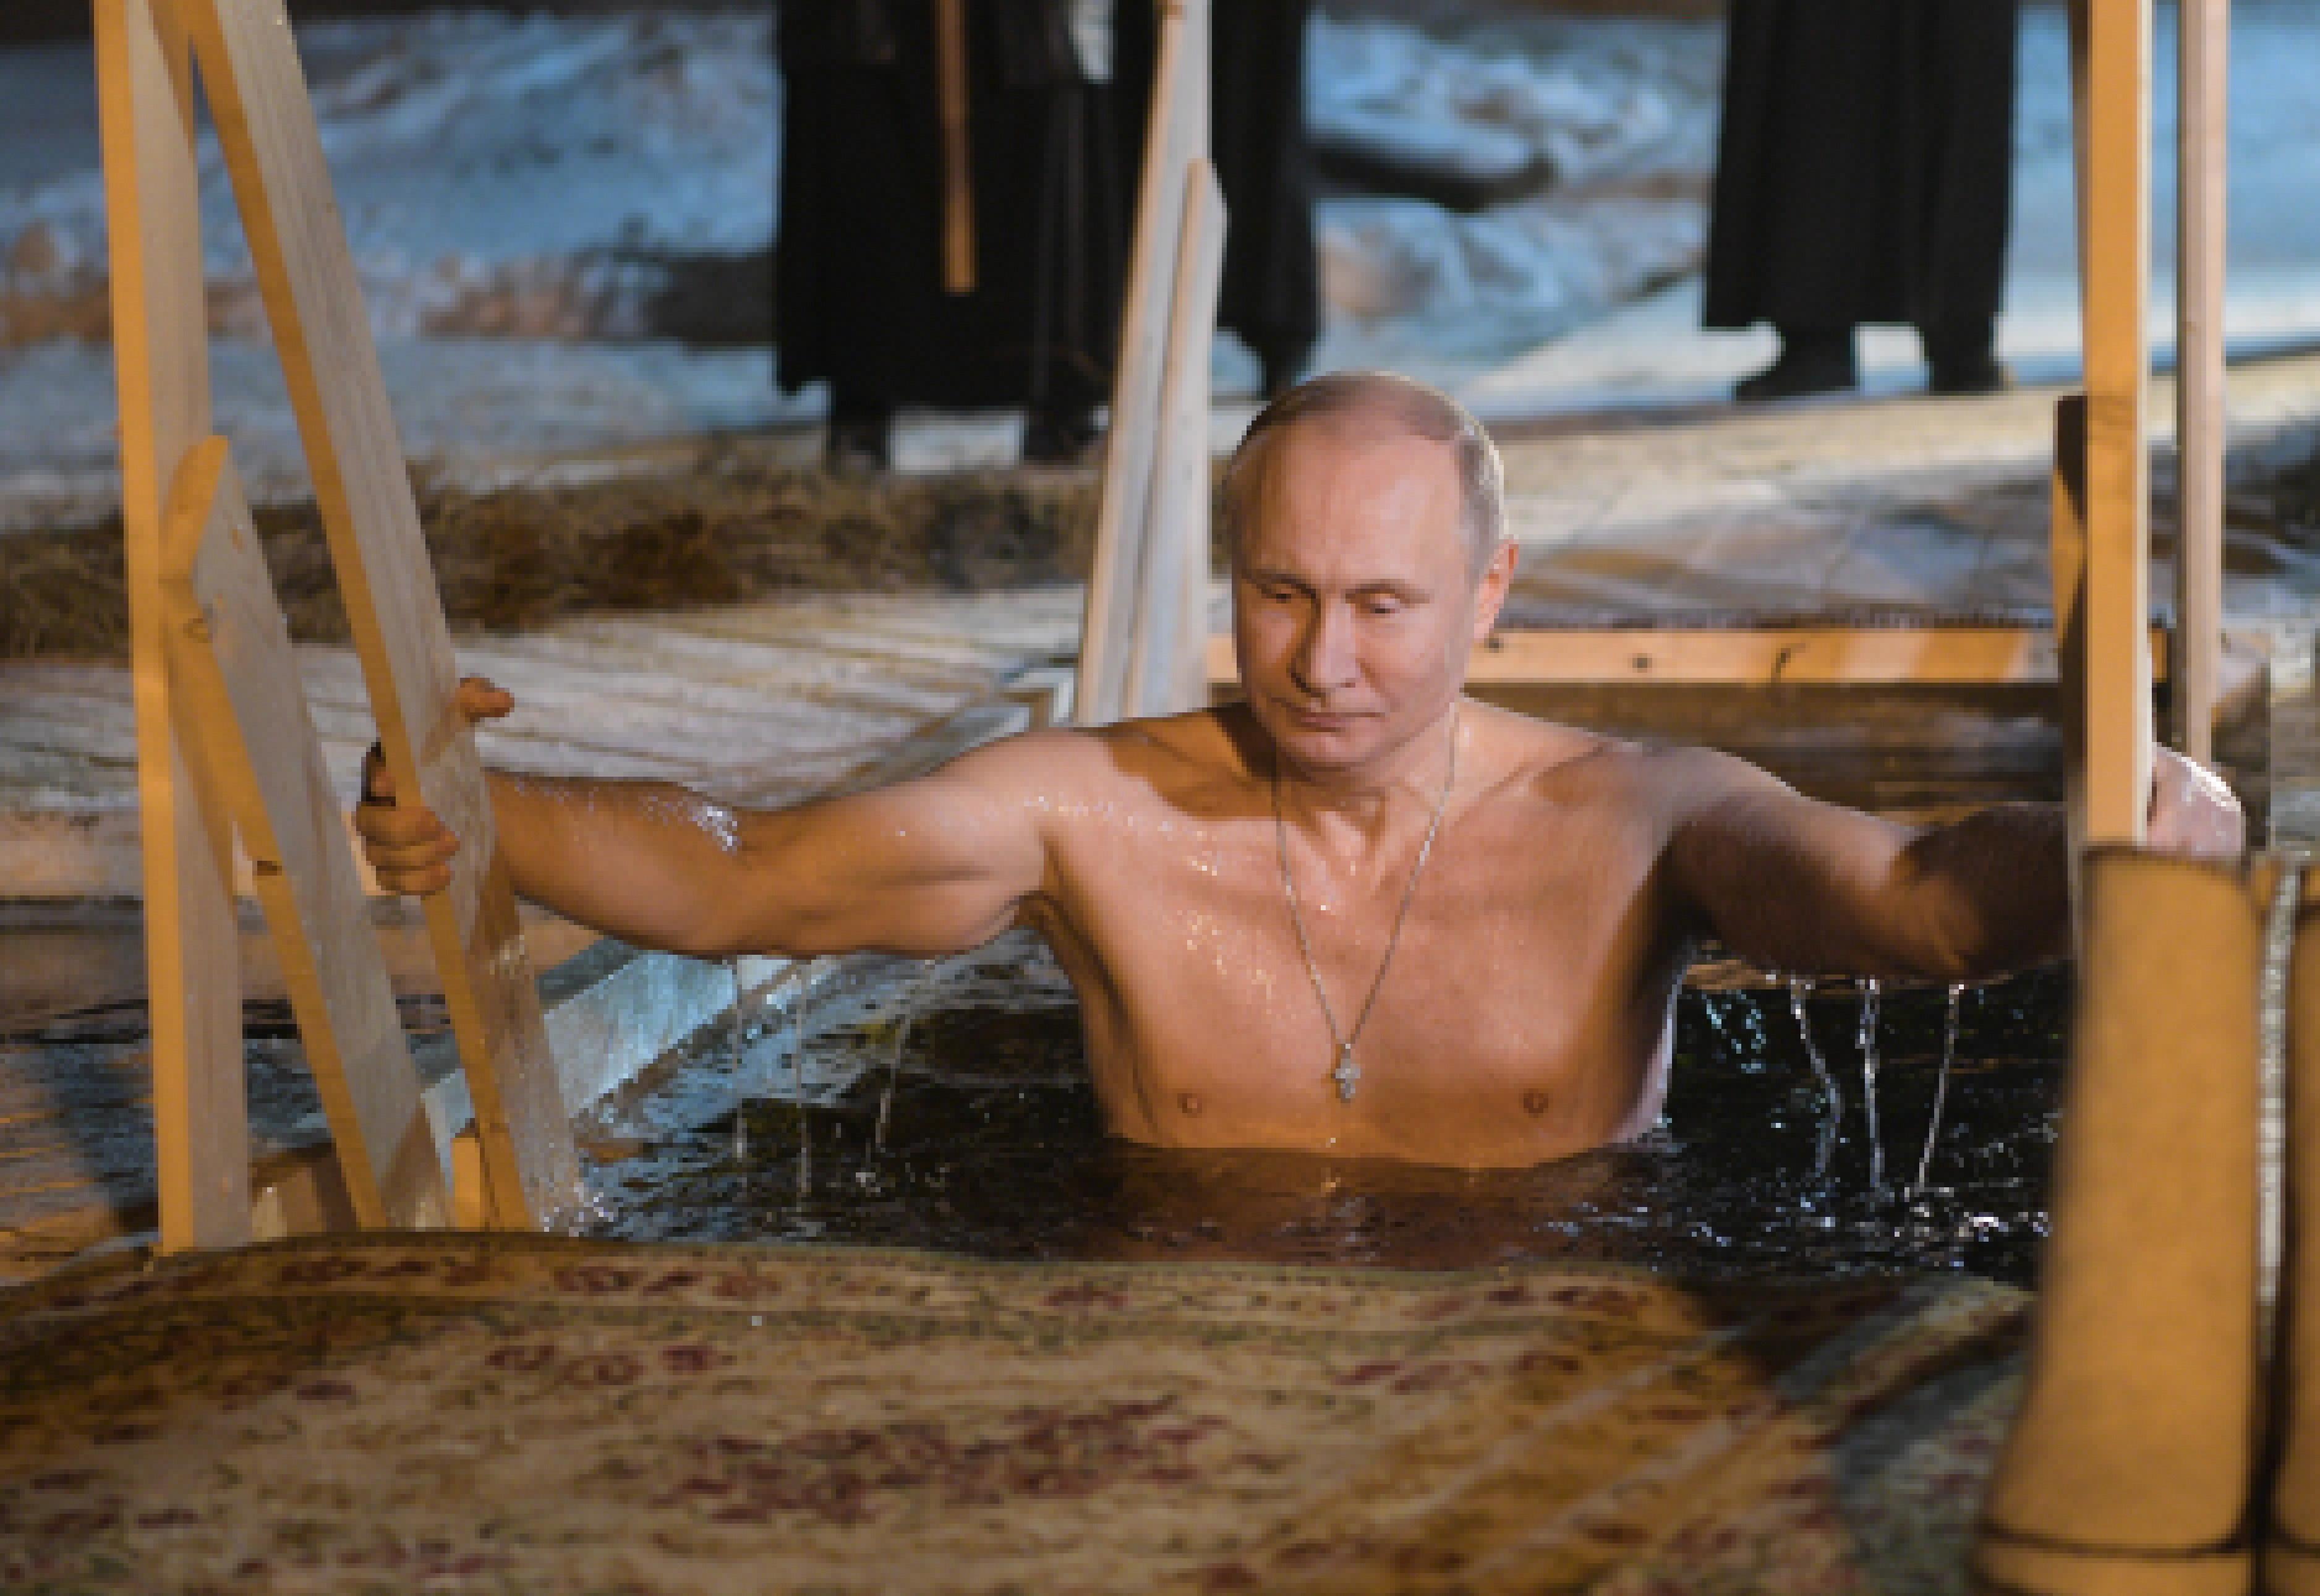 Shirtless Vladimir Putin Calendar Is No. 1 With Japanese Women